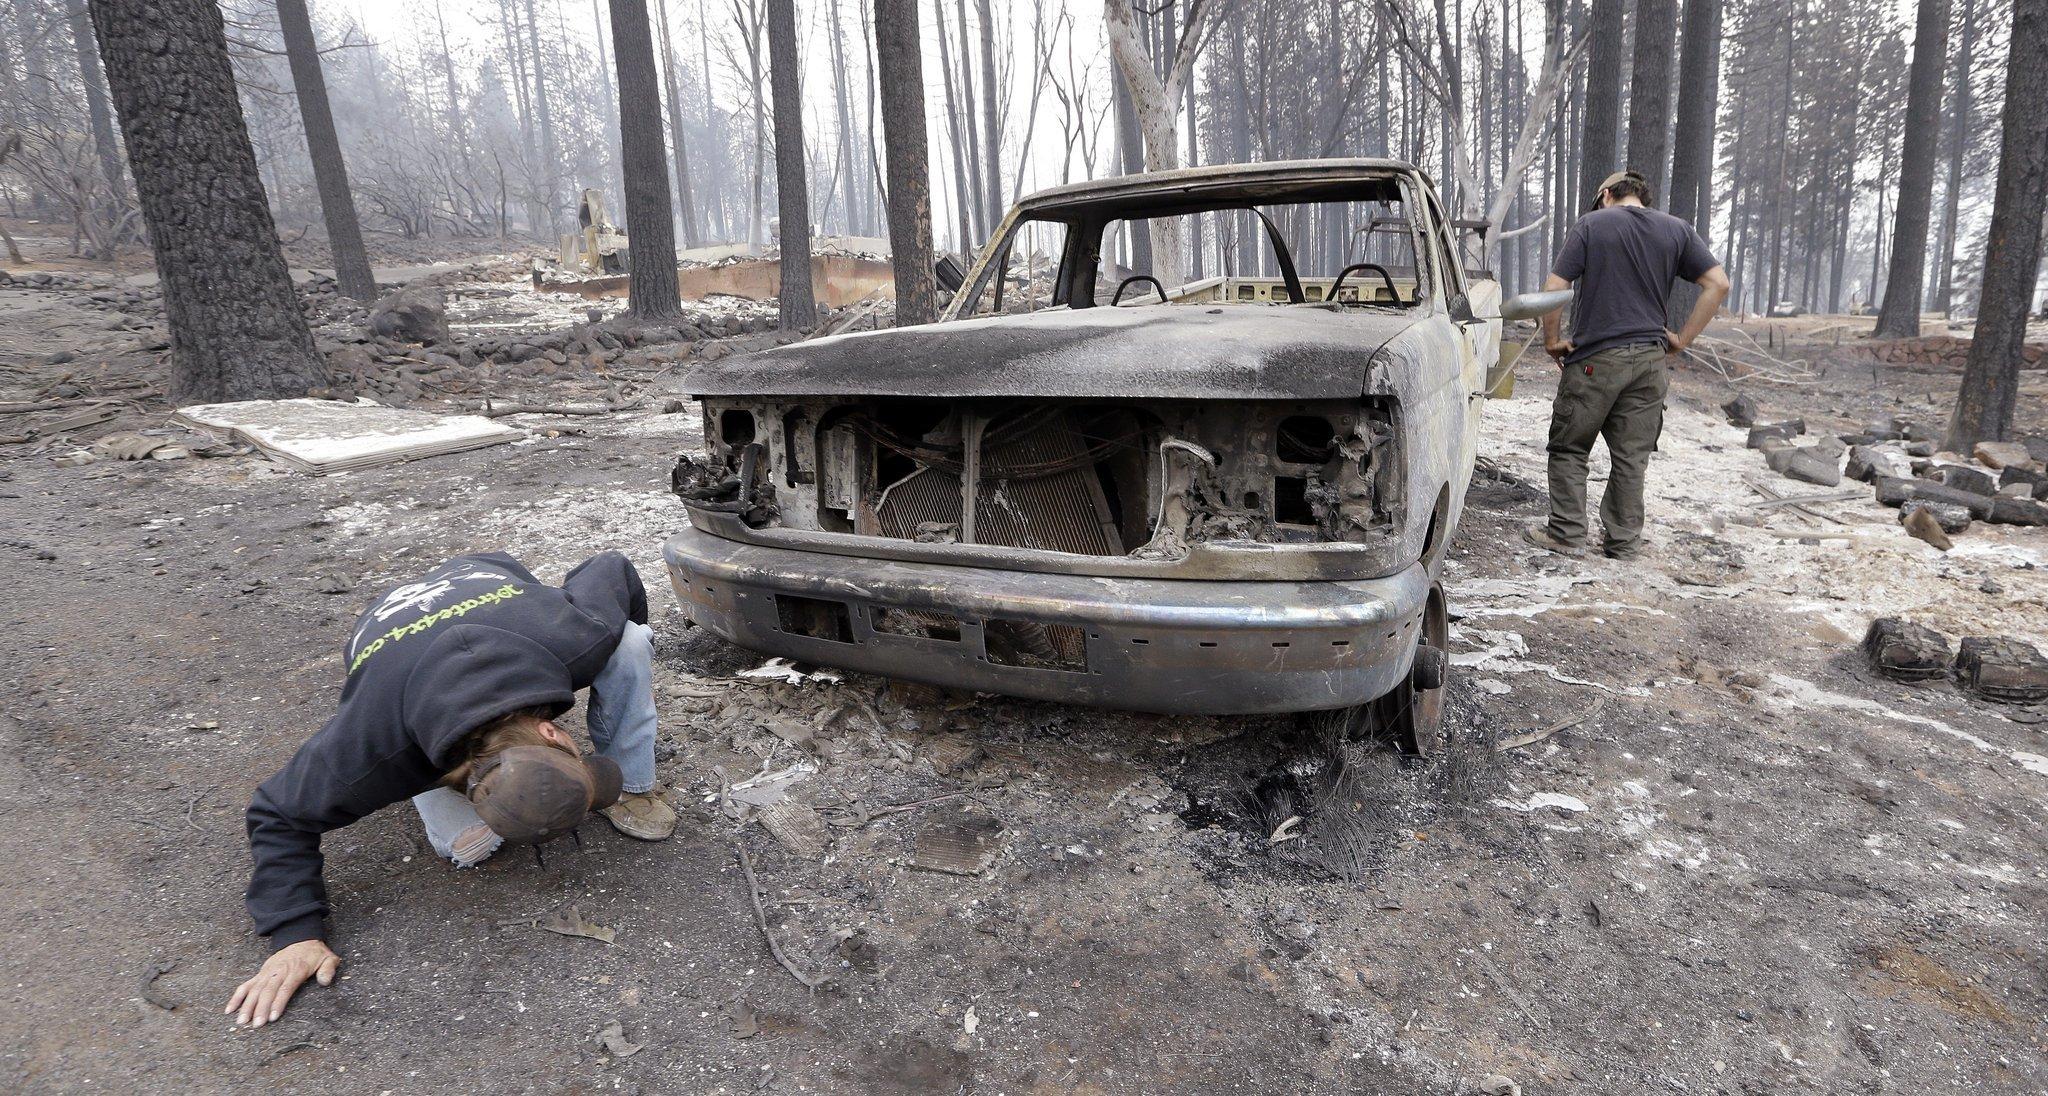 Ferocious wildfire devastates Northern California mountain town